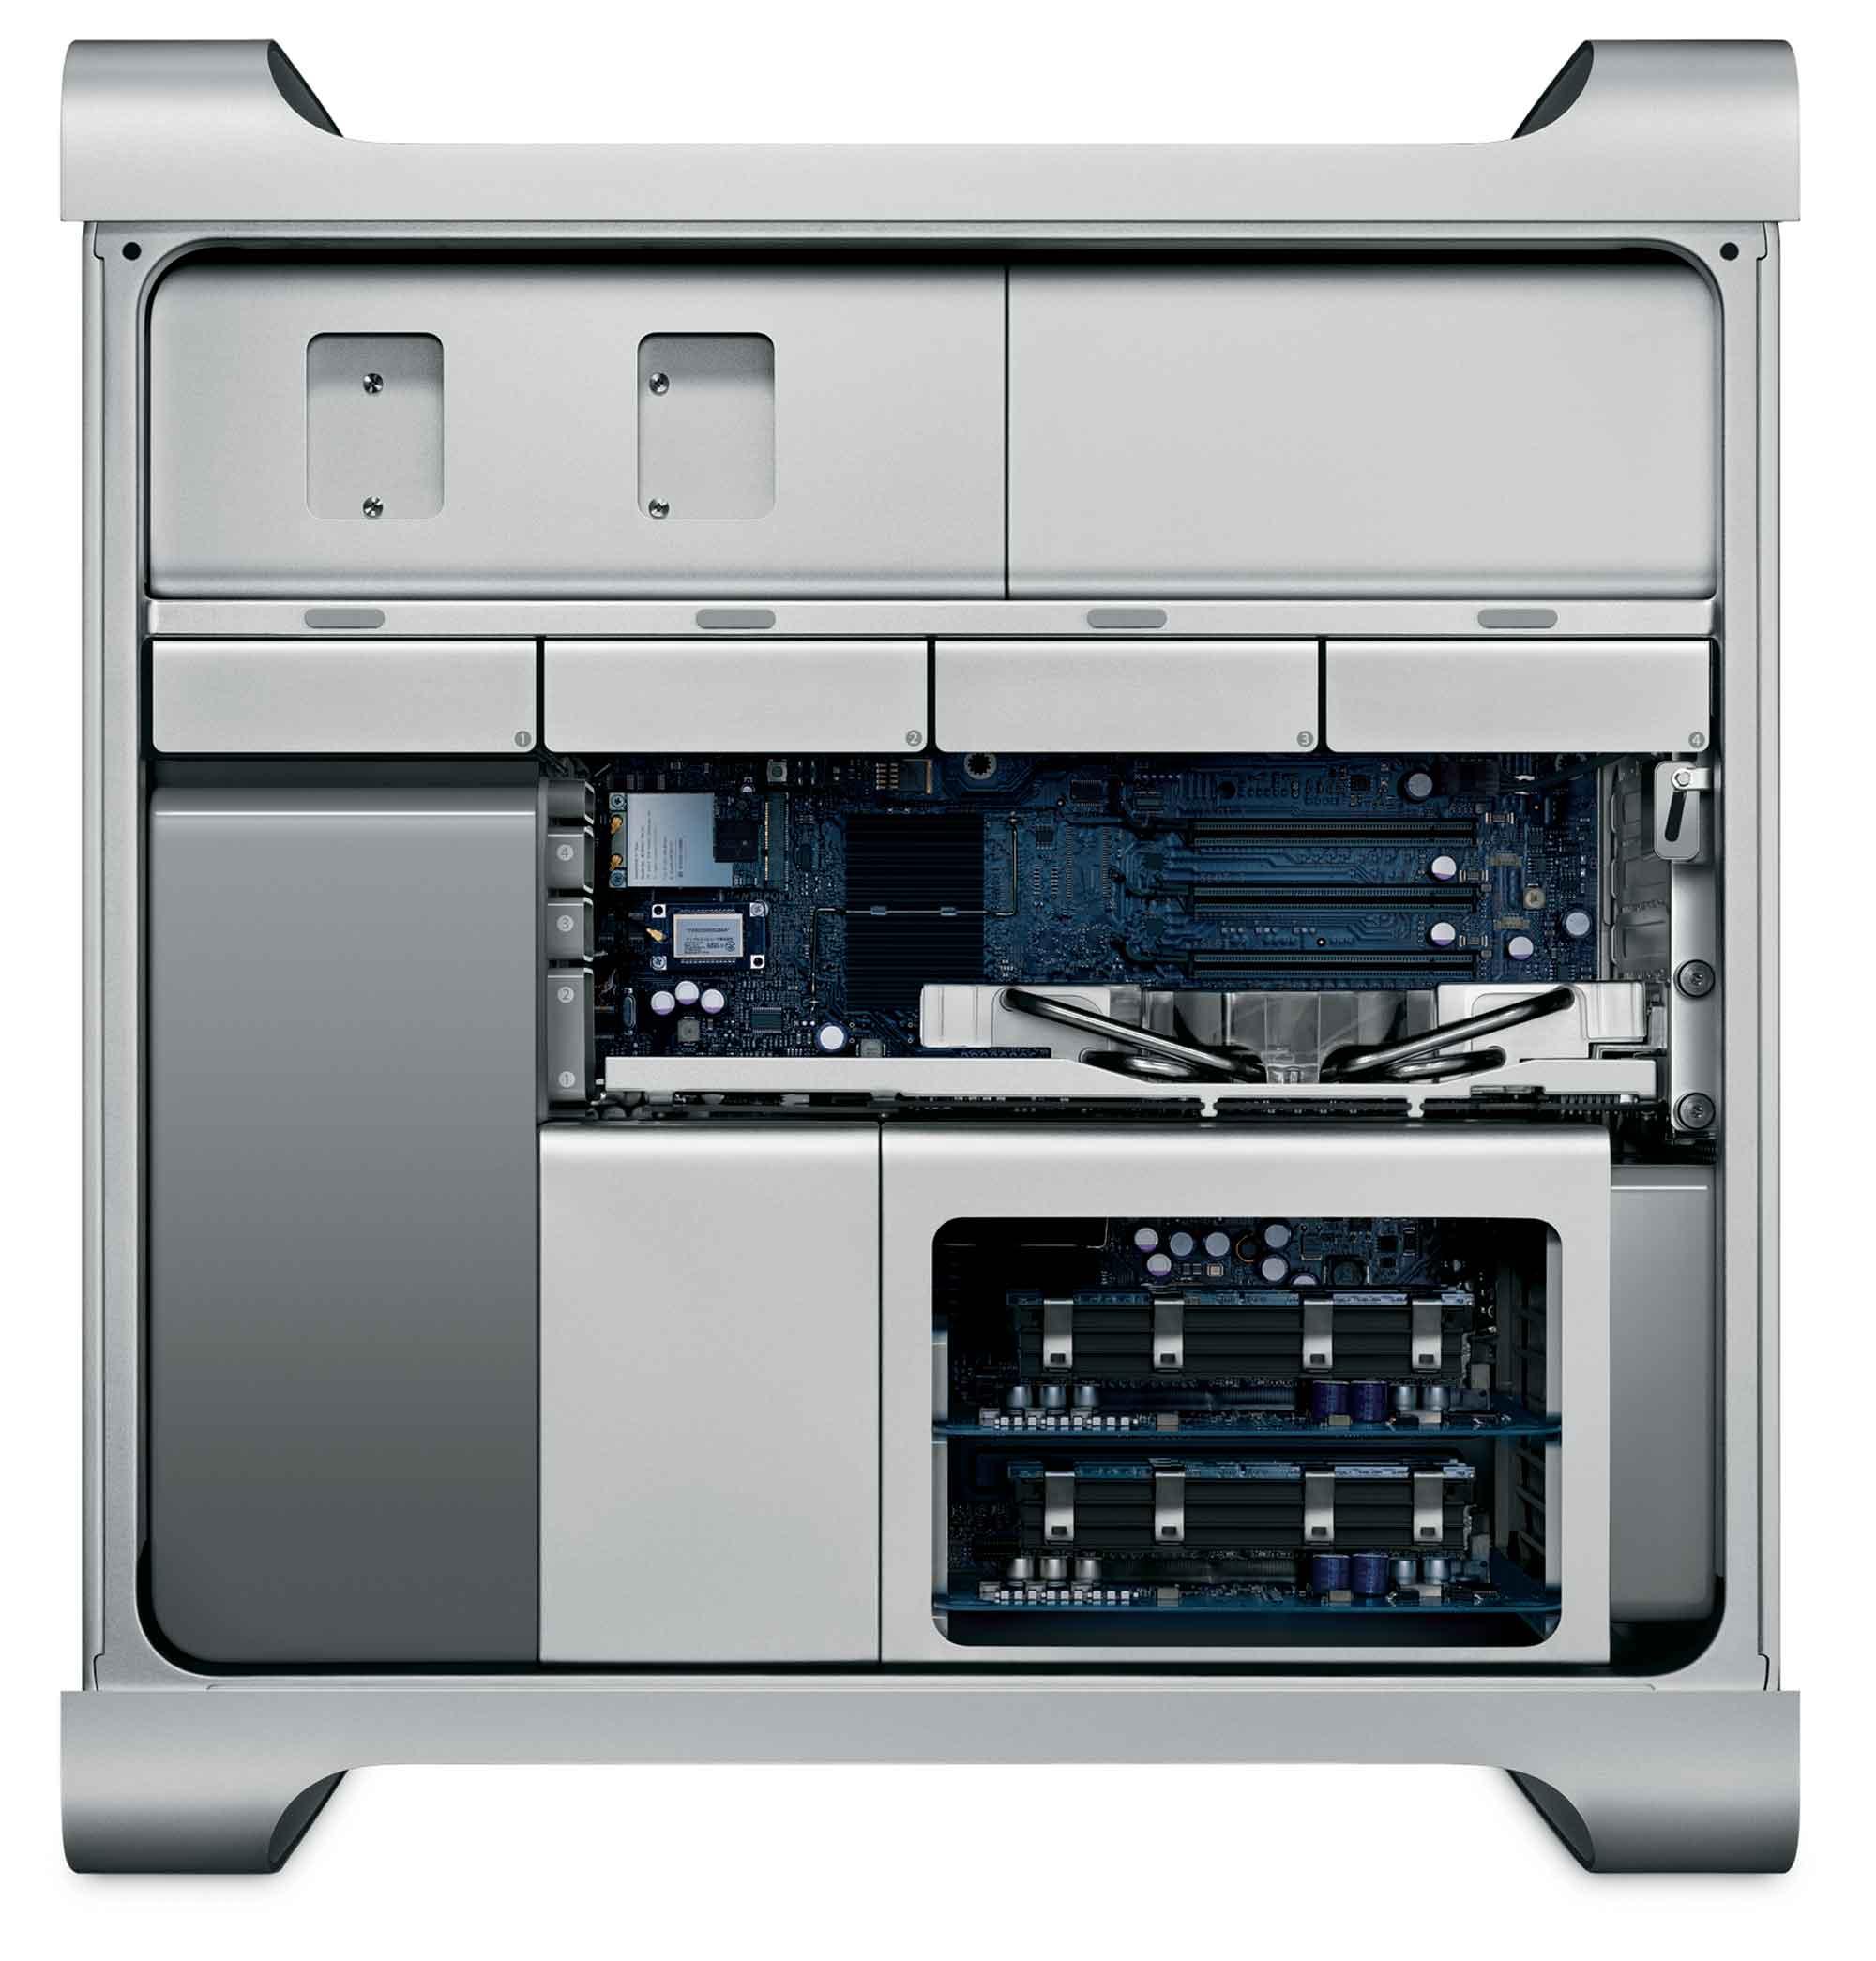 Silenciosamente Apple Actualiza su Mac Pro!!! 8